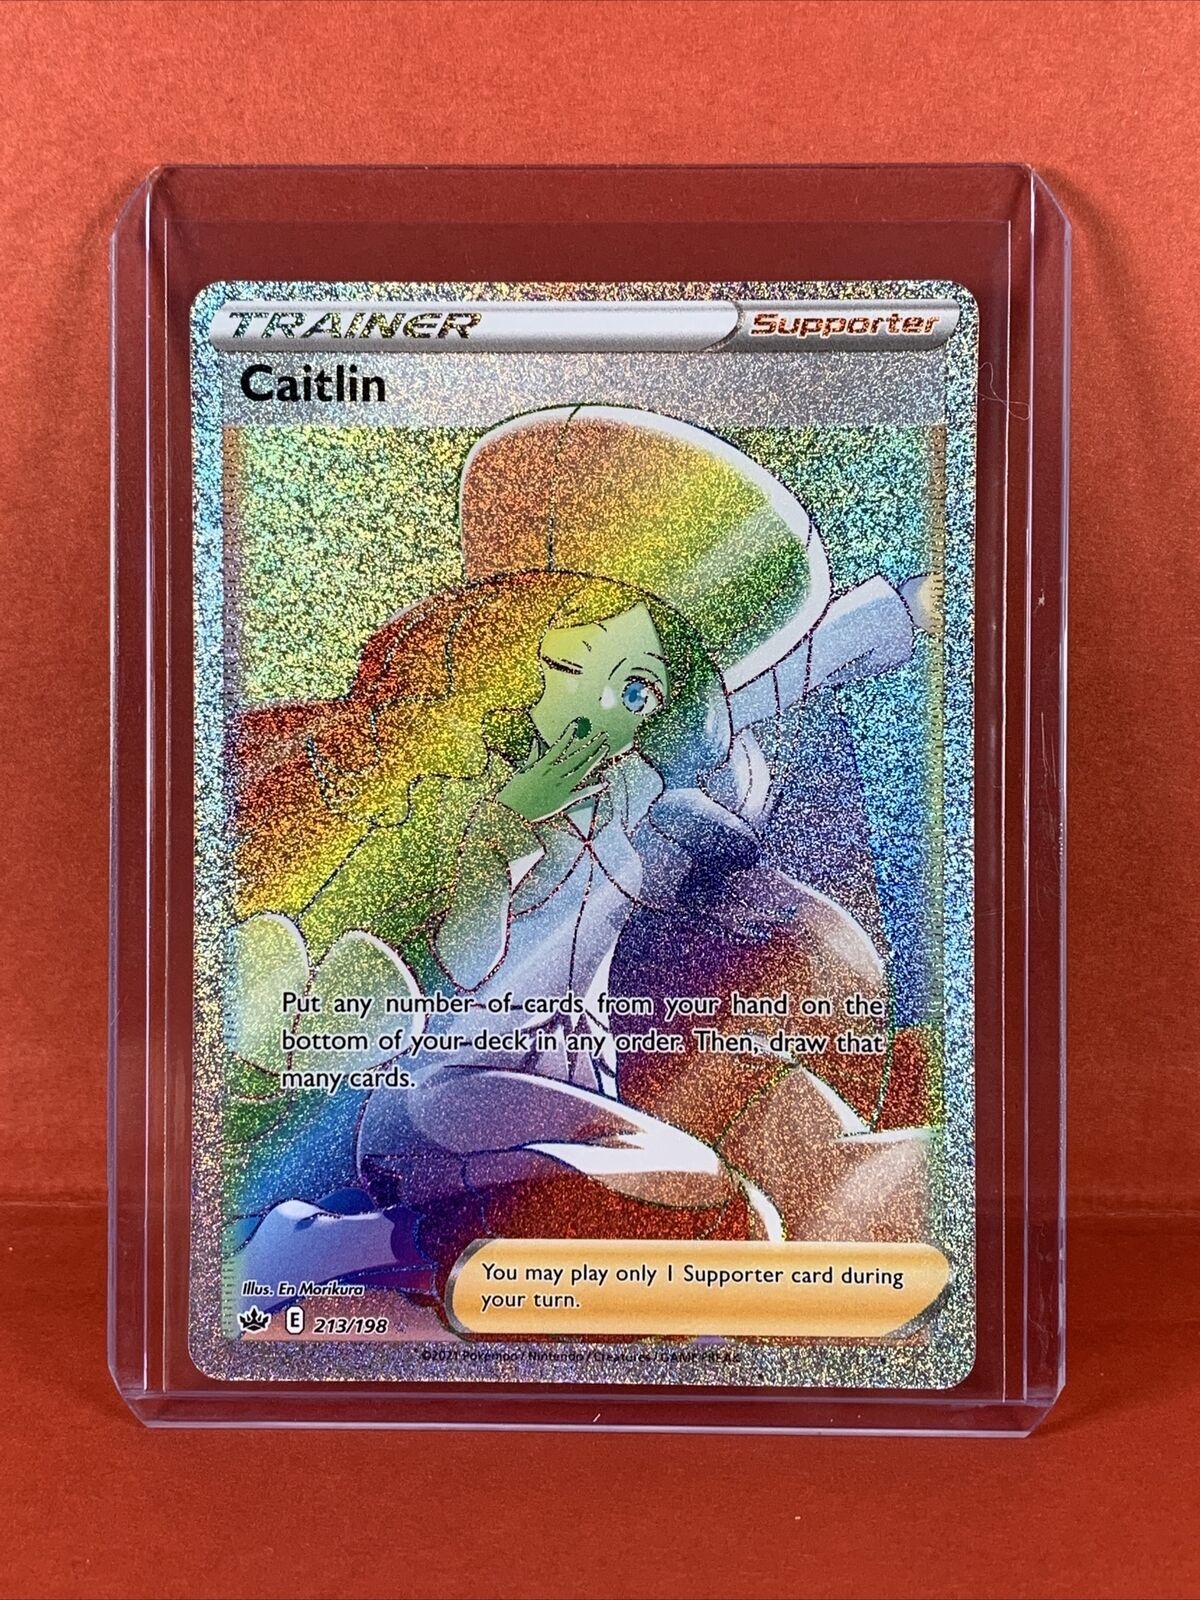 Pokemon Chilling Reign - Rainbow Full Art Ultra Rare - Caitlin 213/198 - NM/M